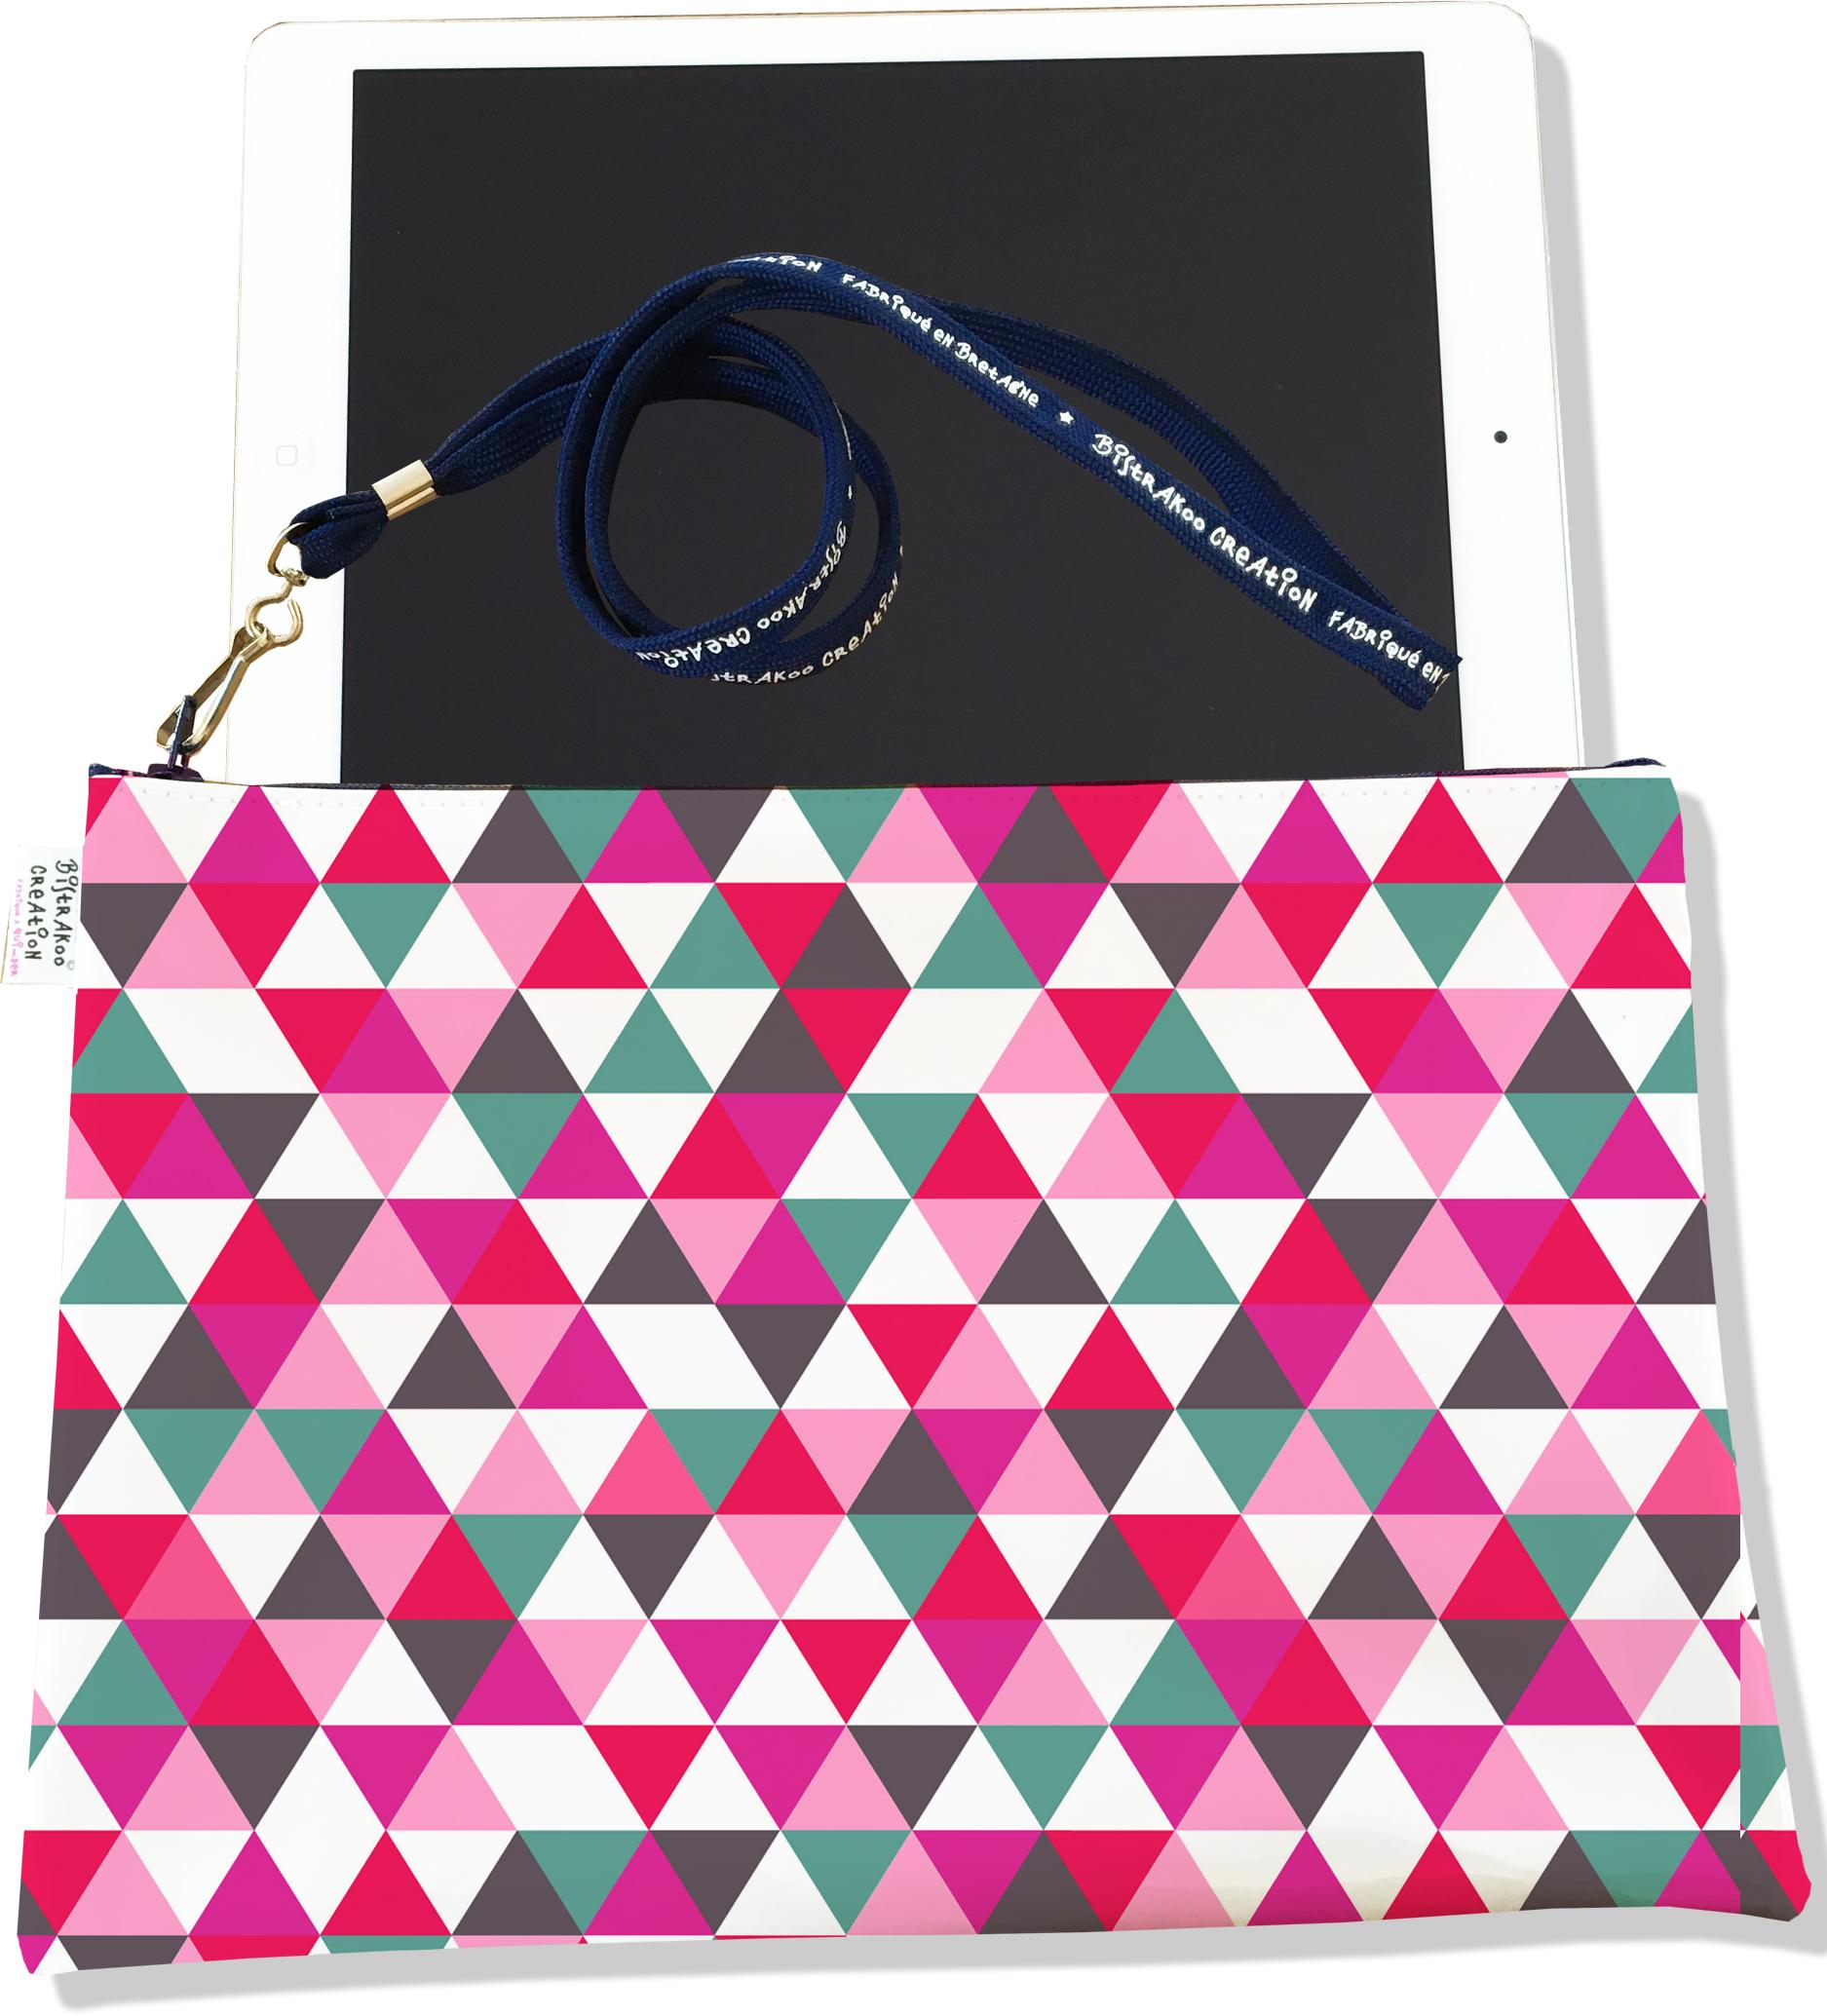 Housse pour tablette pour femme motif Graphique multicolore 2249-2015